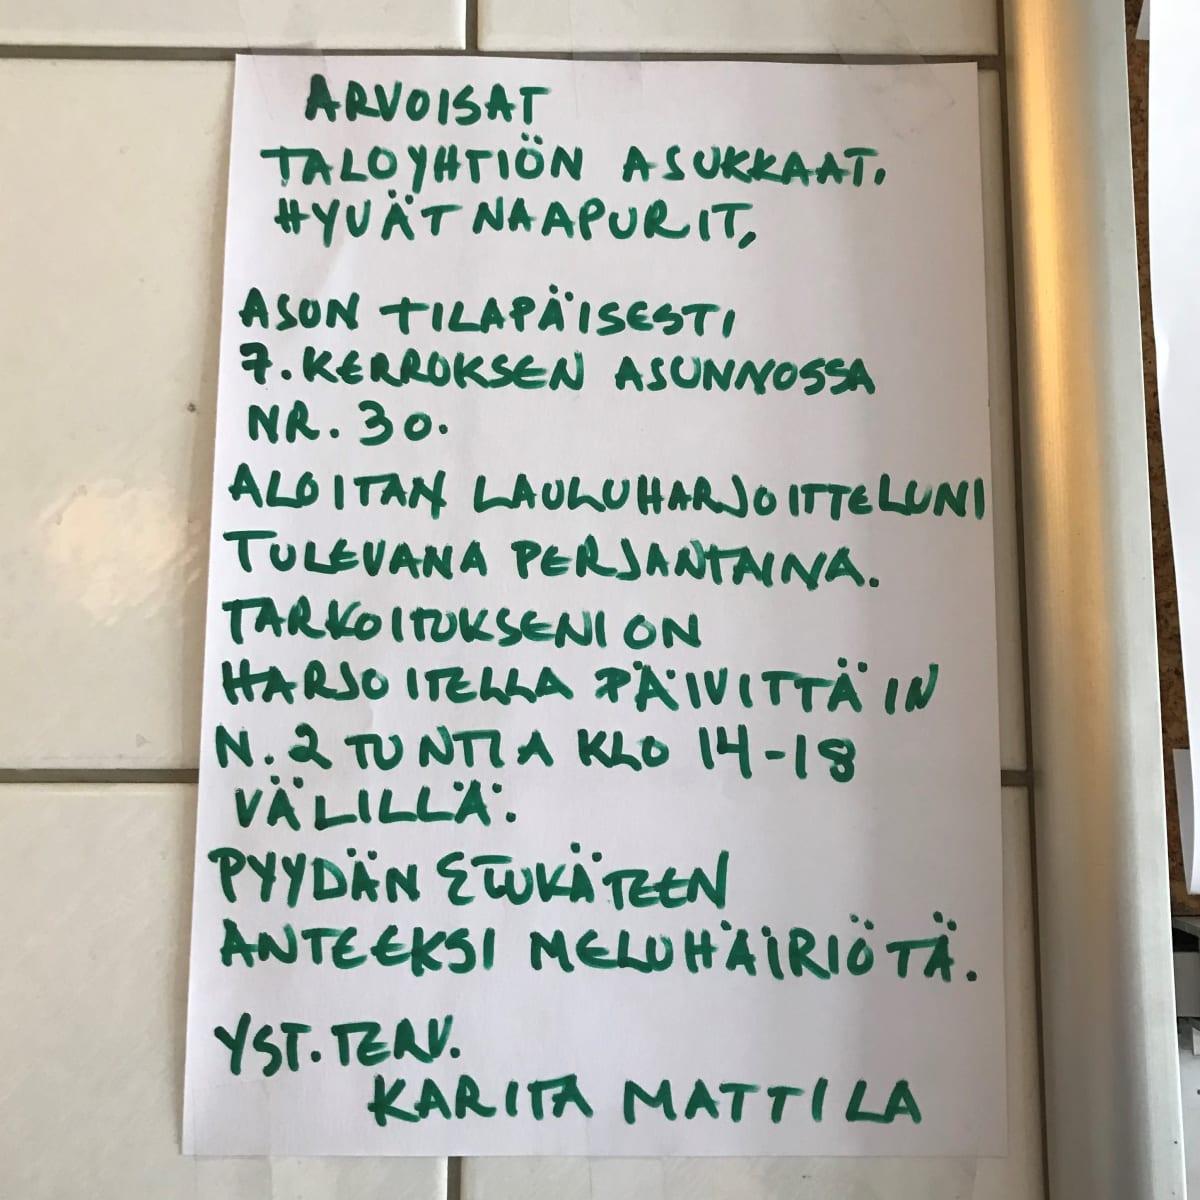 Seinällä oleva viesti